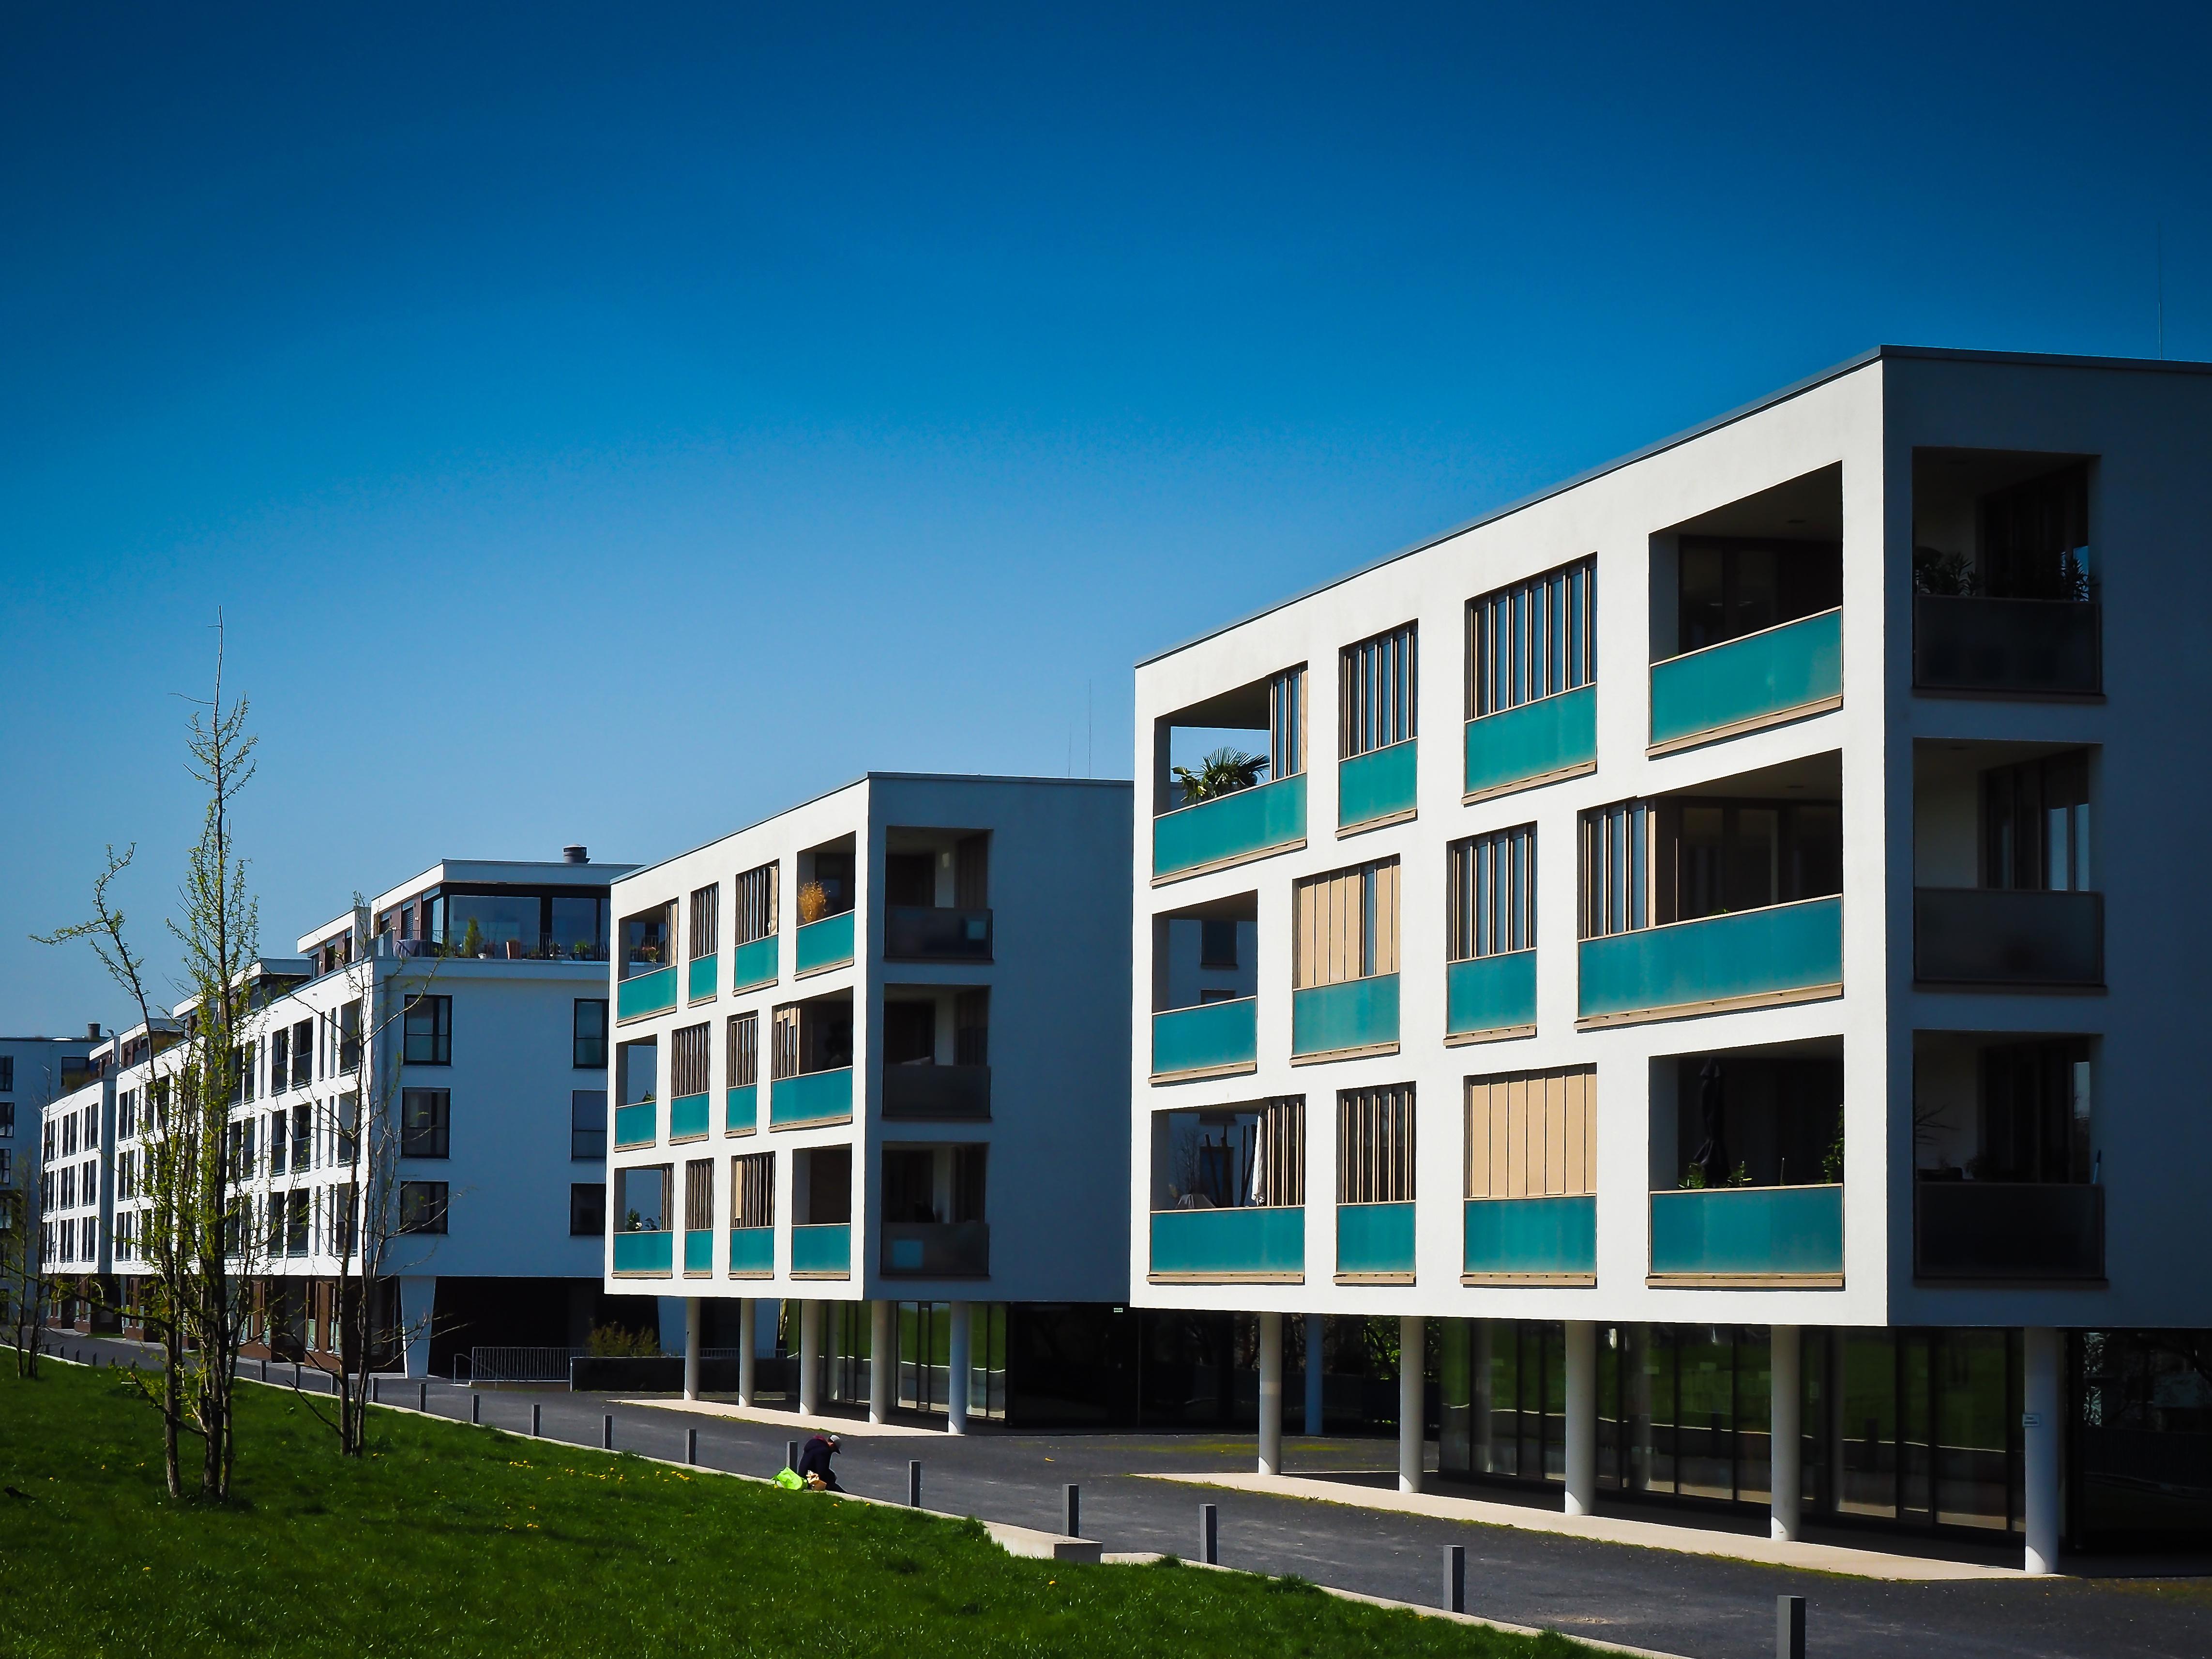 Häuserfassaden Modern kostenlose foto die architektur haus gebäude stadt leben